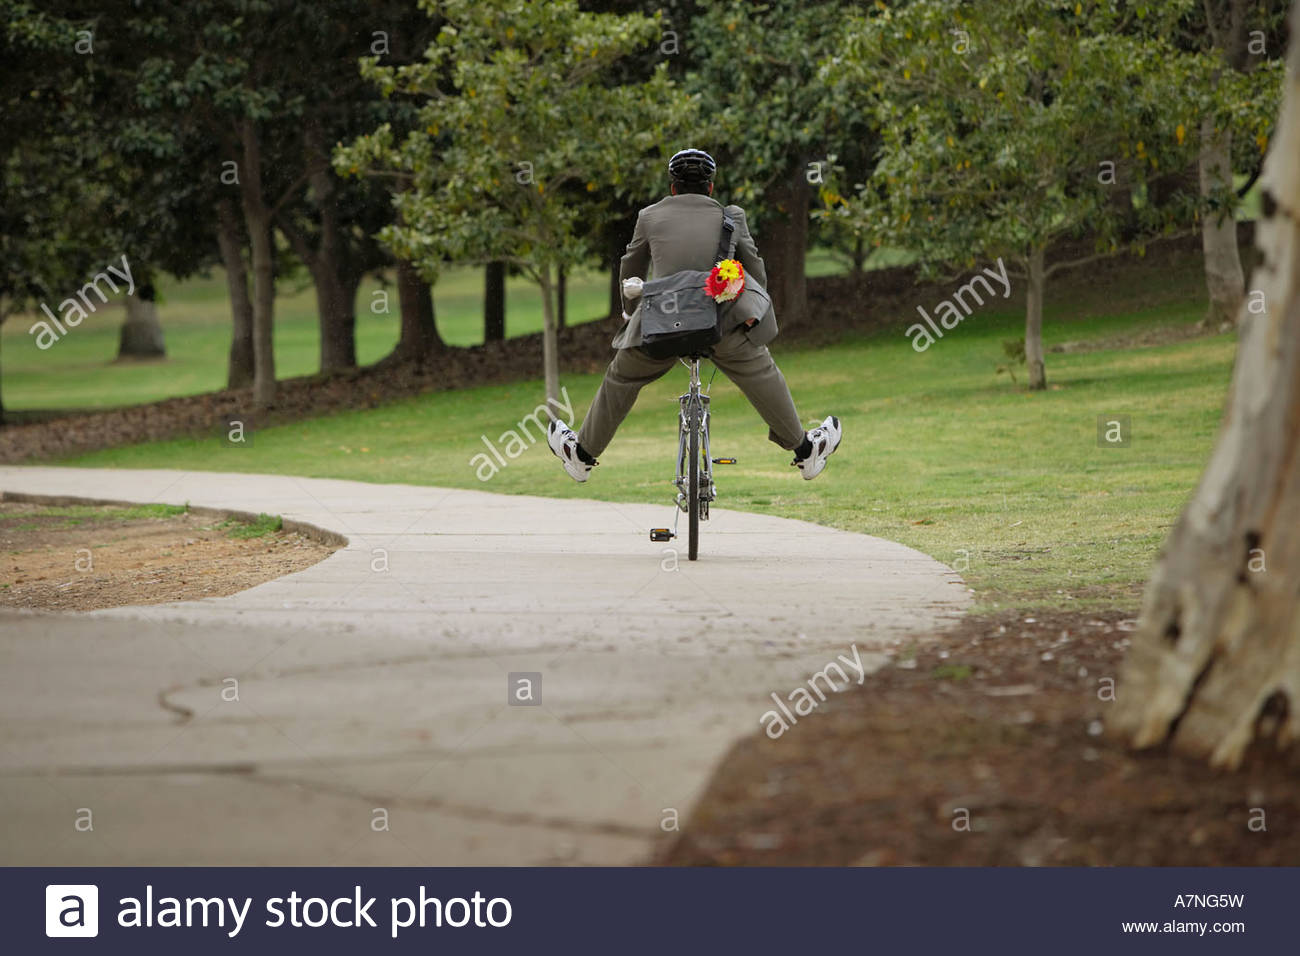 L'homme à vélo sur chemin dans les jambes du parc vue arrière Photo Stock